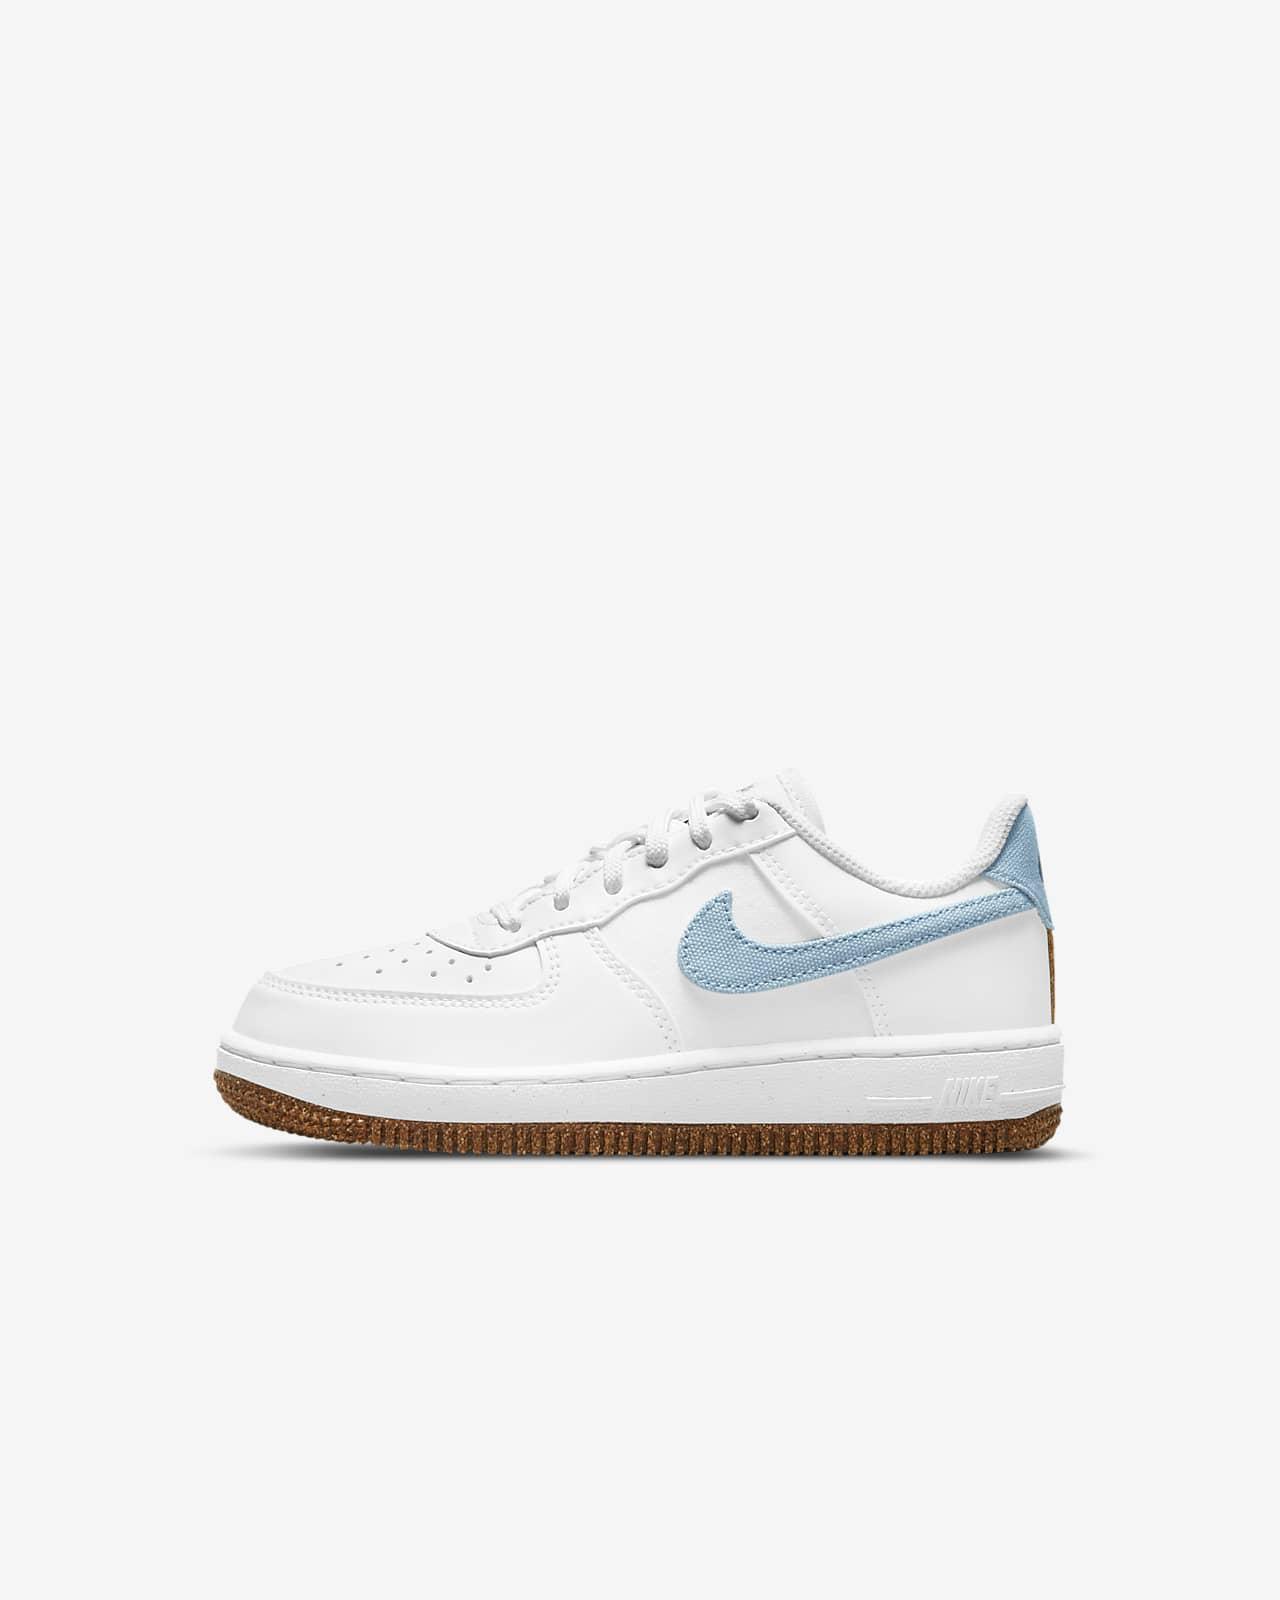 Nike Force 1 LV8 Schuh für jüngere Kinder